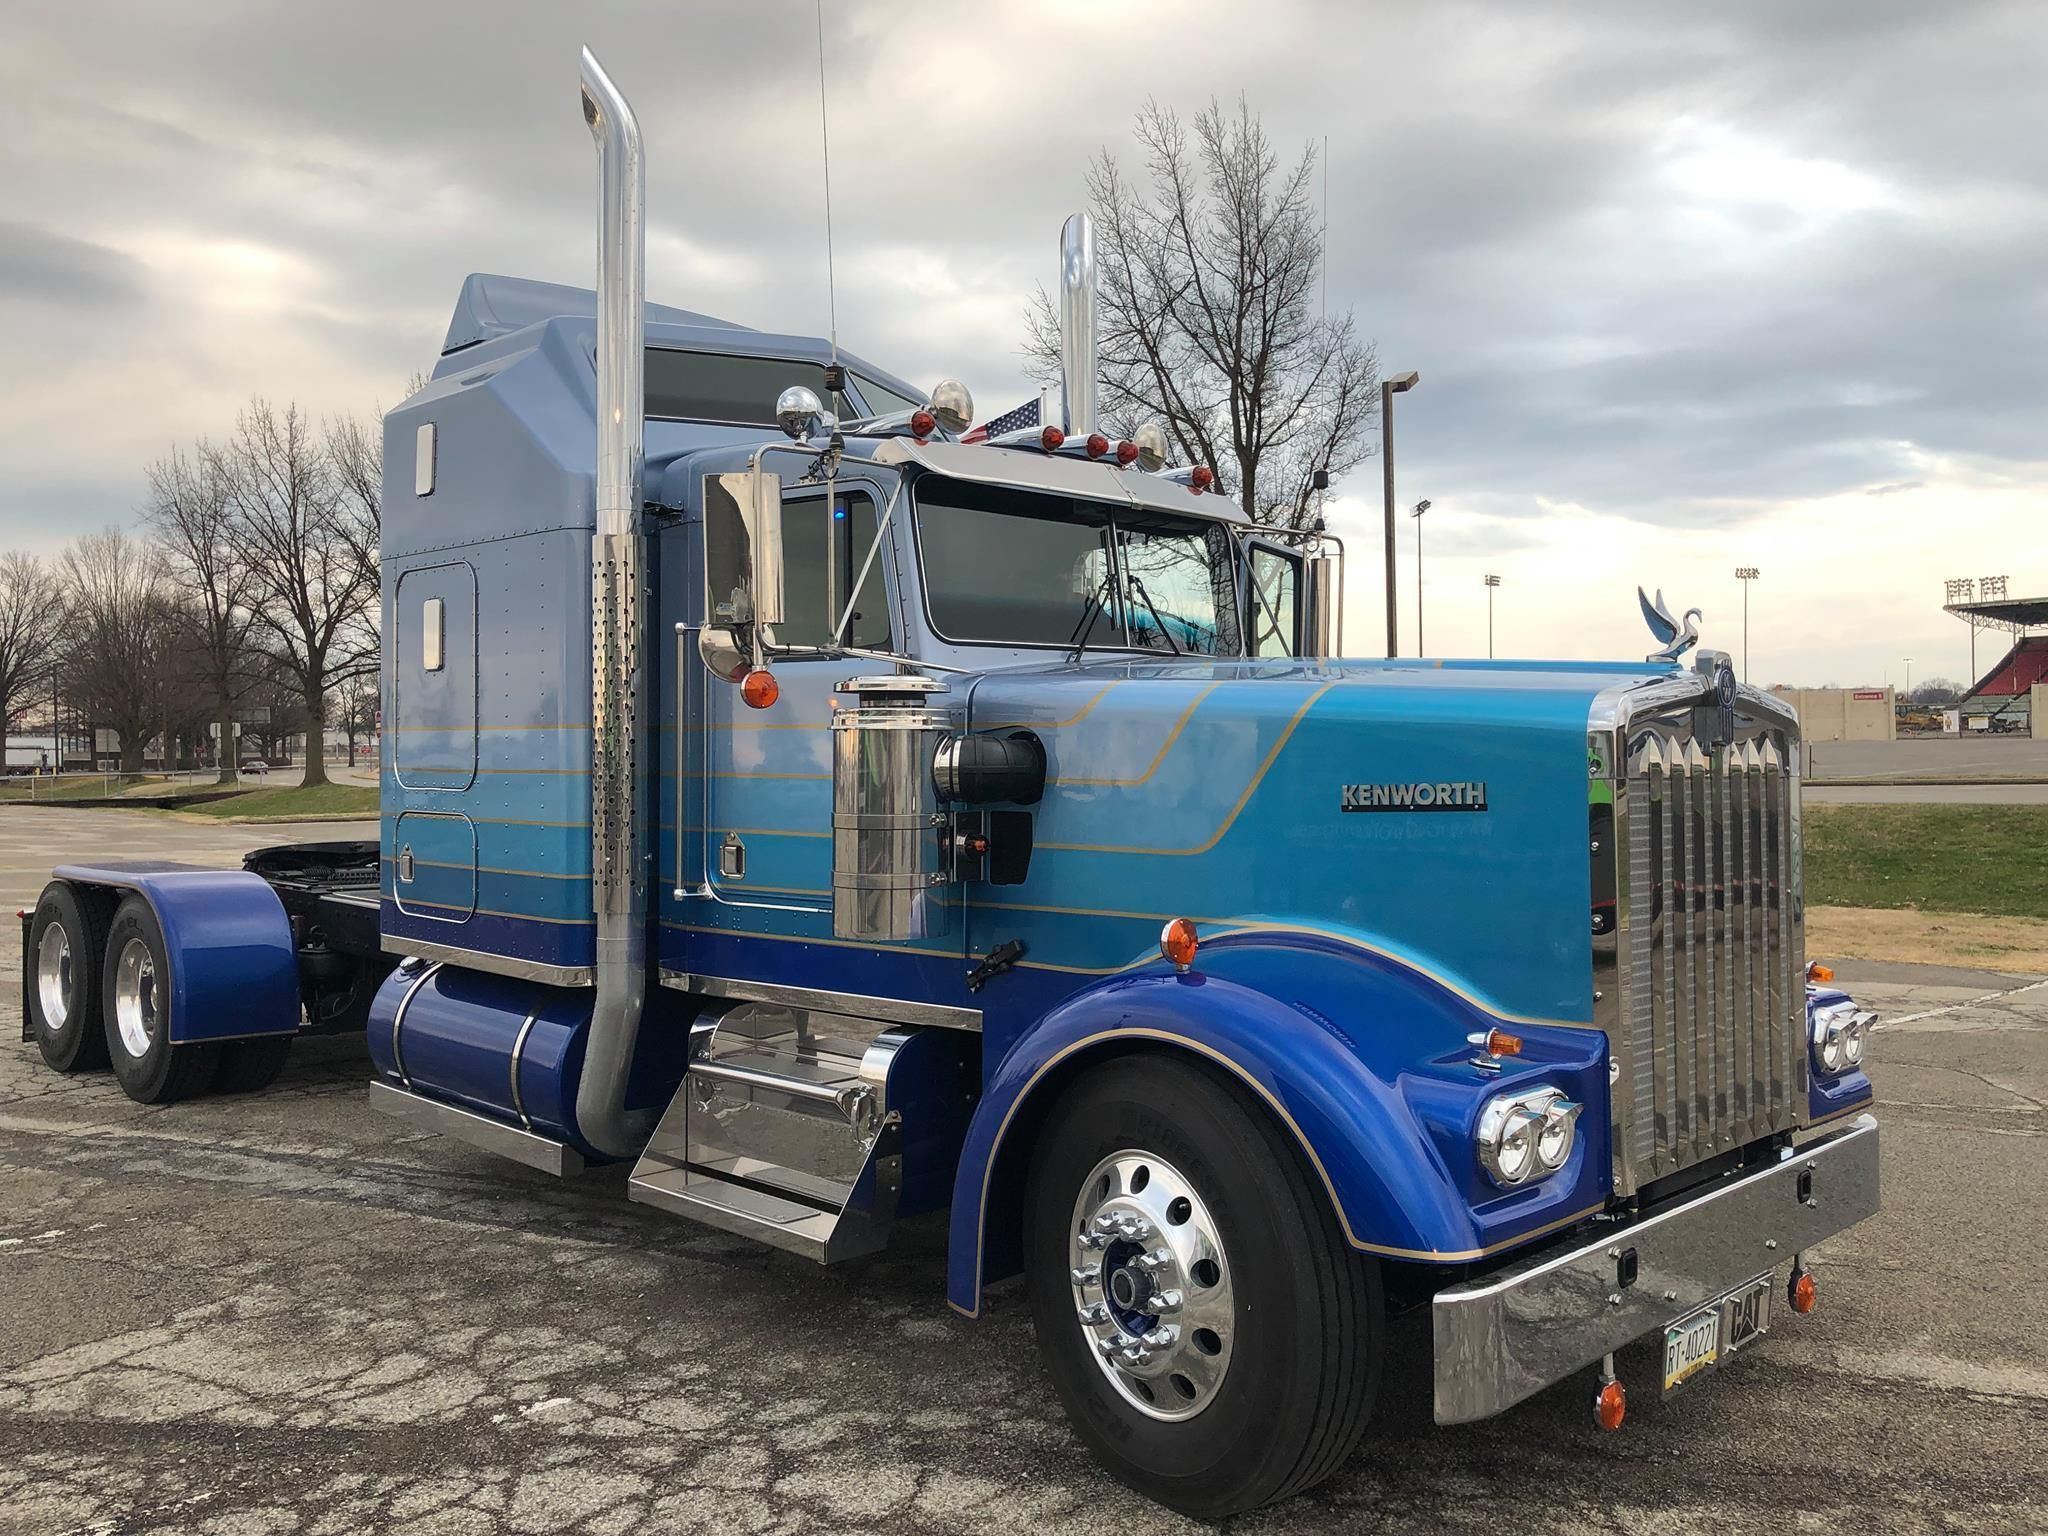 Pin On Semi Truck Photos